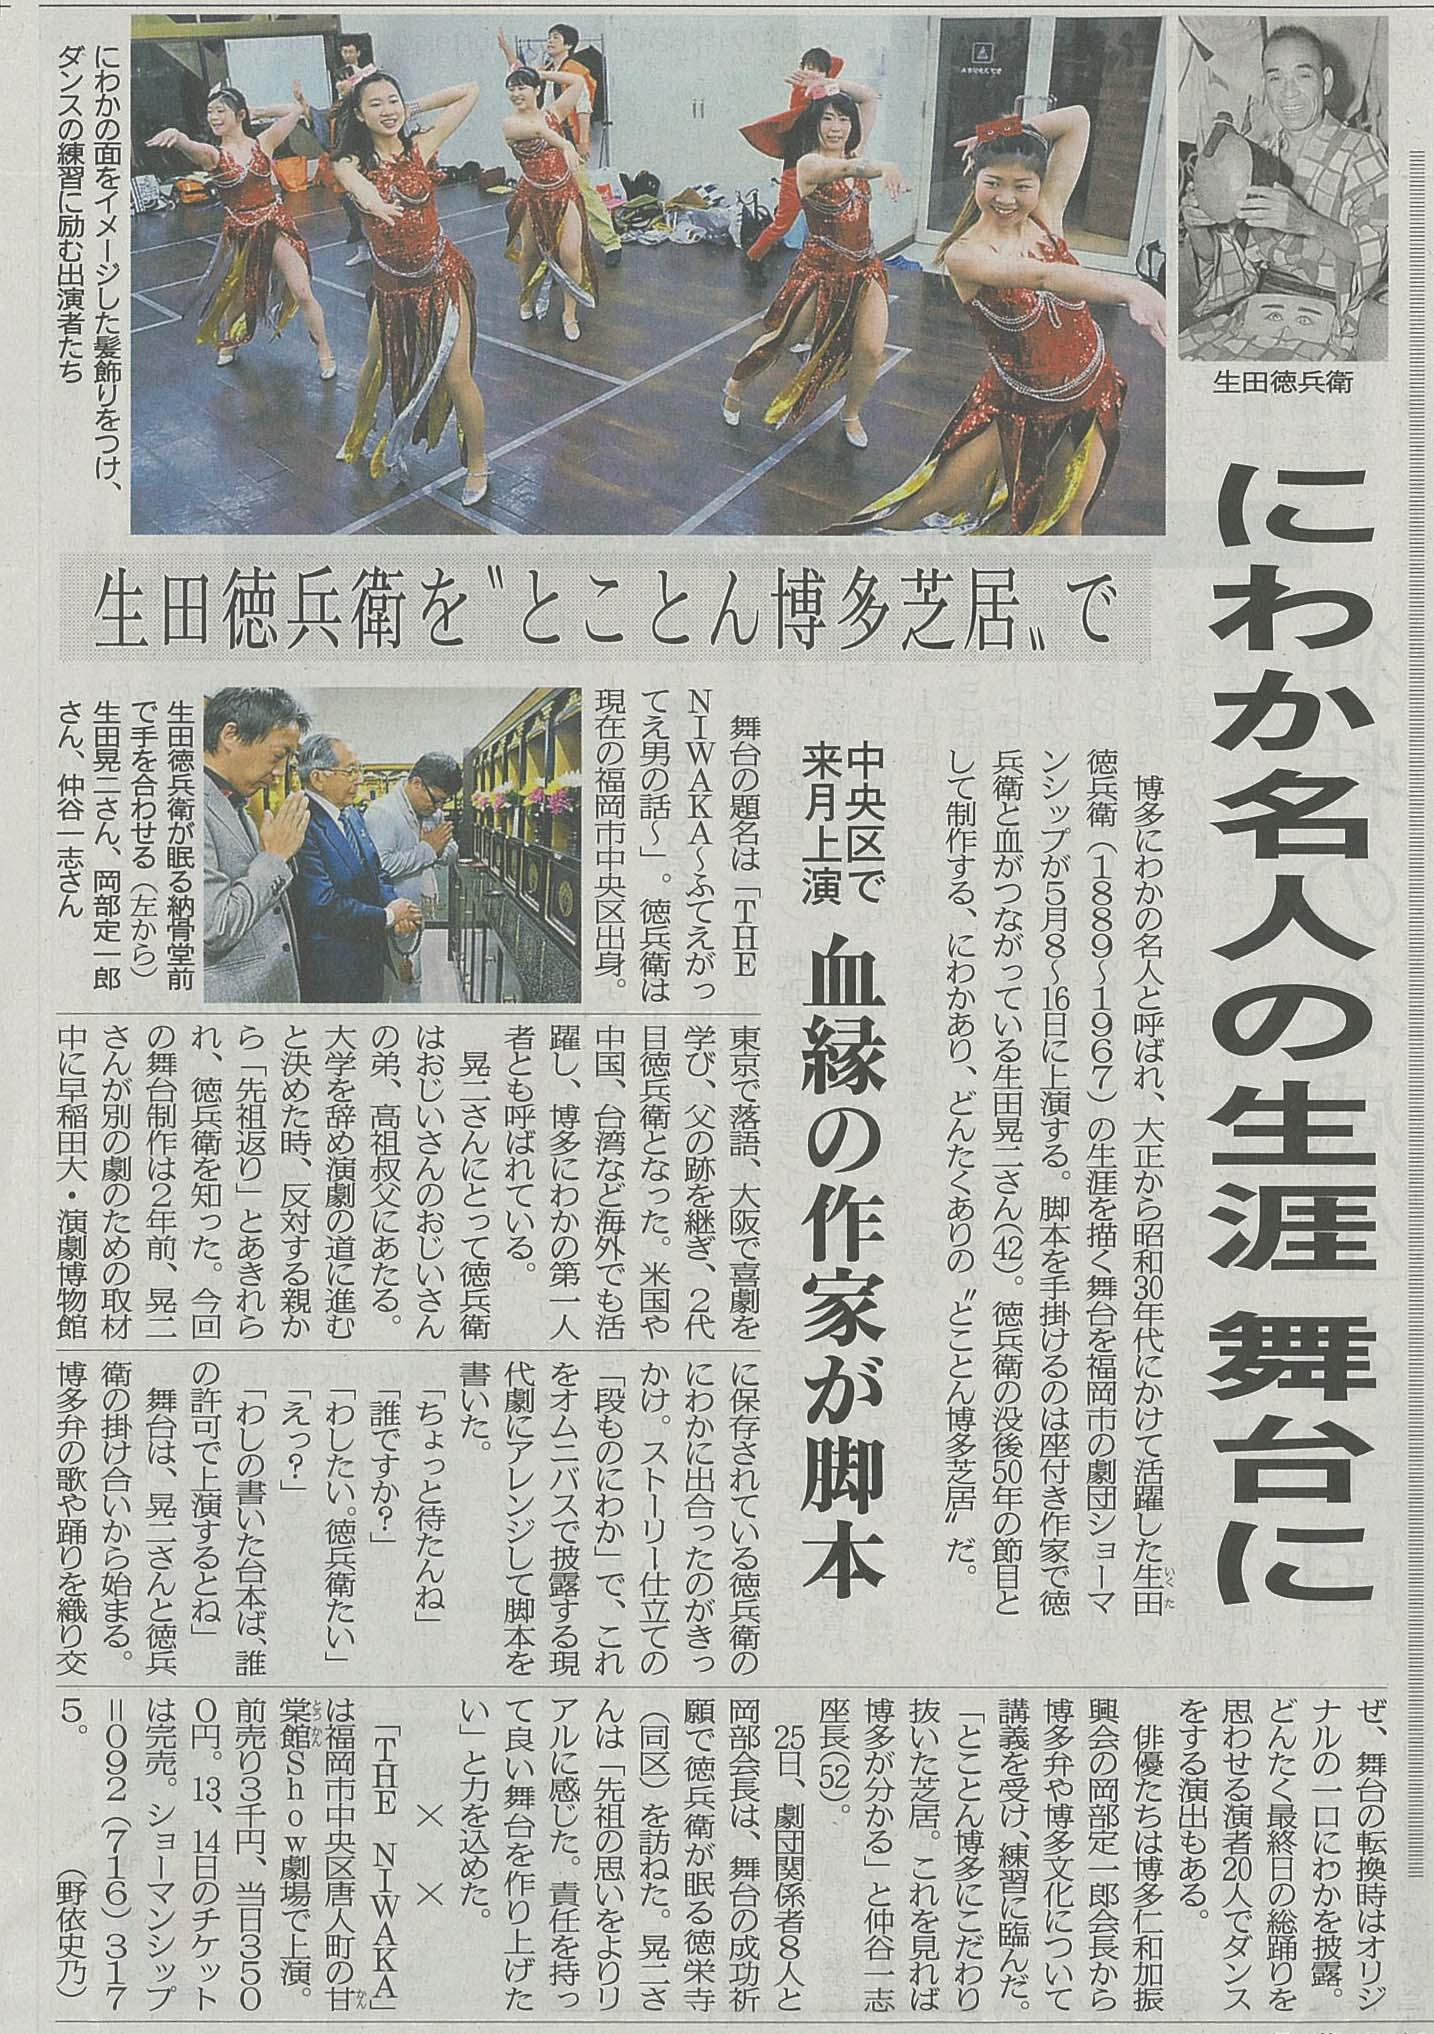 2017年4月26日(水)付 西日本新聞